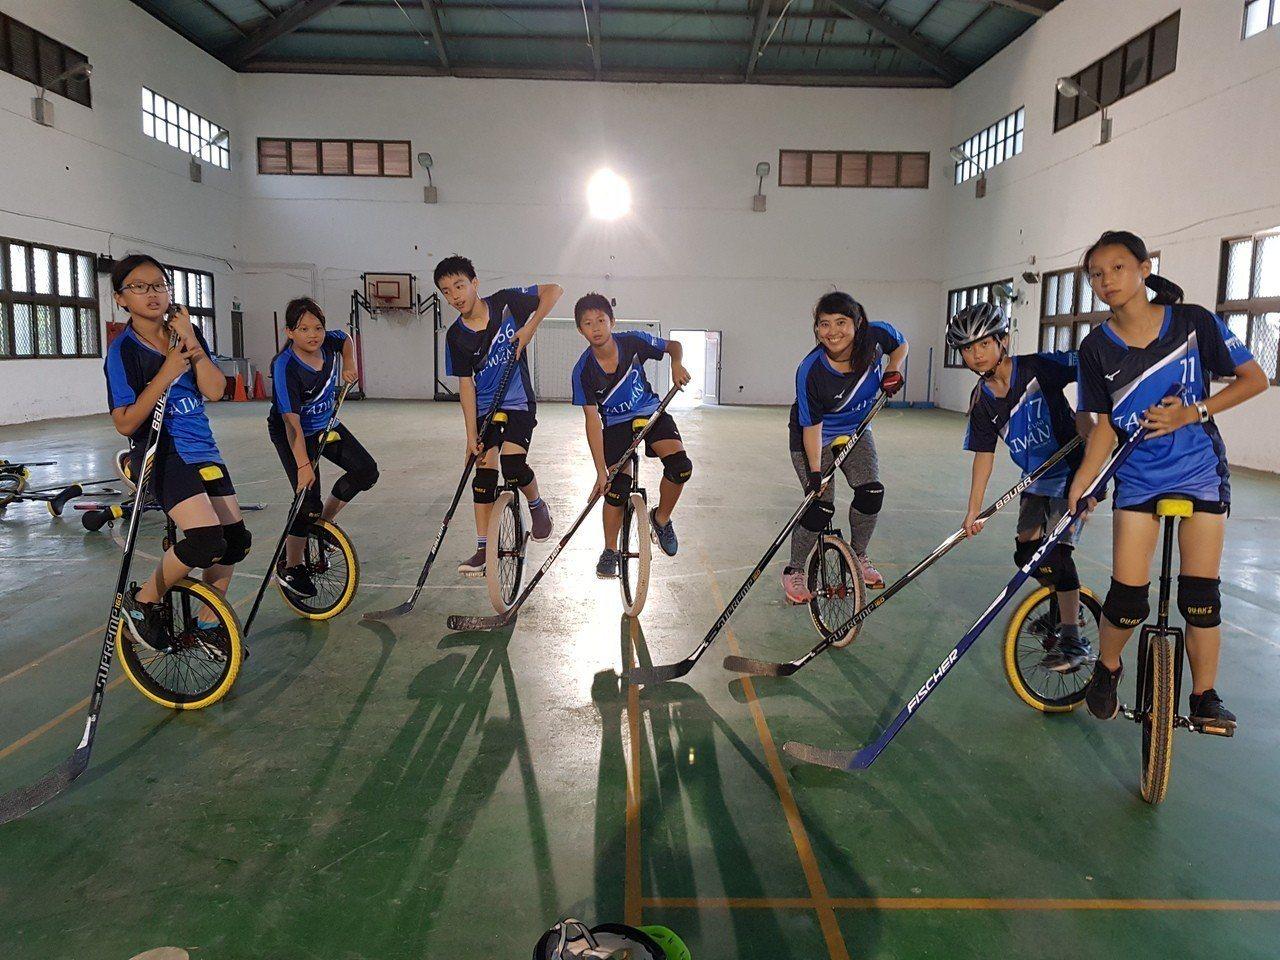 成立5週年的長庚獨輪車社,今年組隊赴韓國參加「第19屆世界獨輪車大會」,將在獨輪...